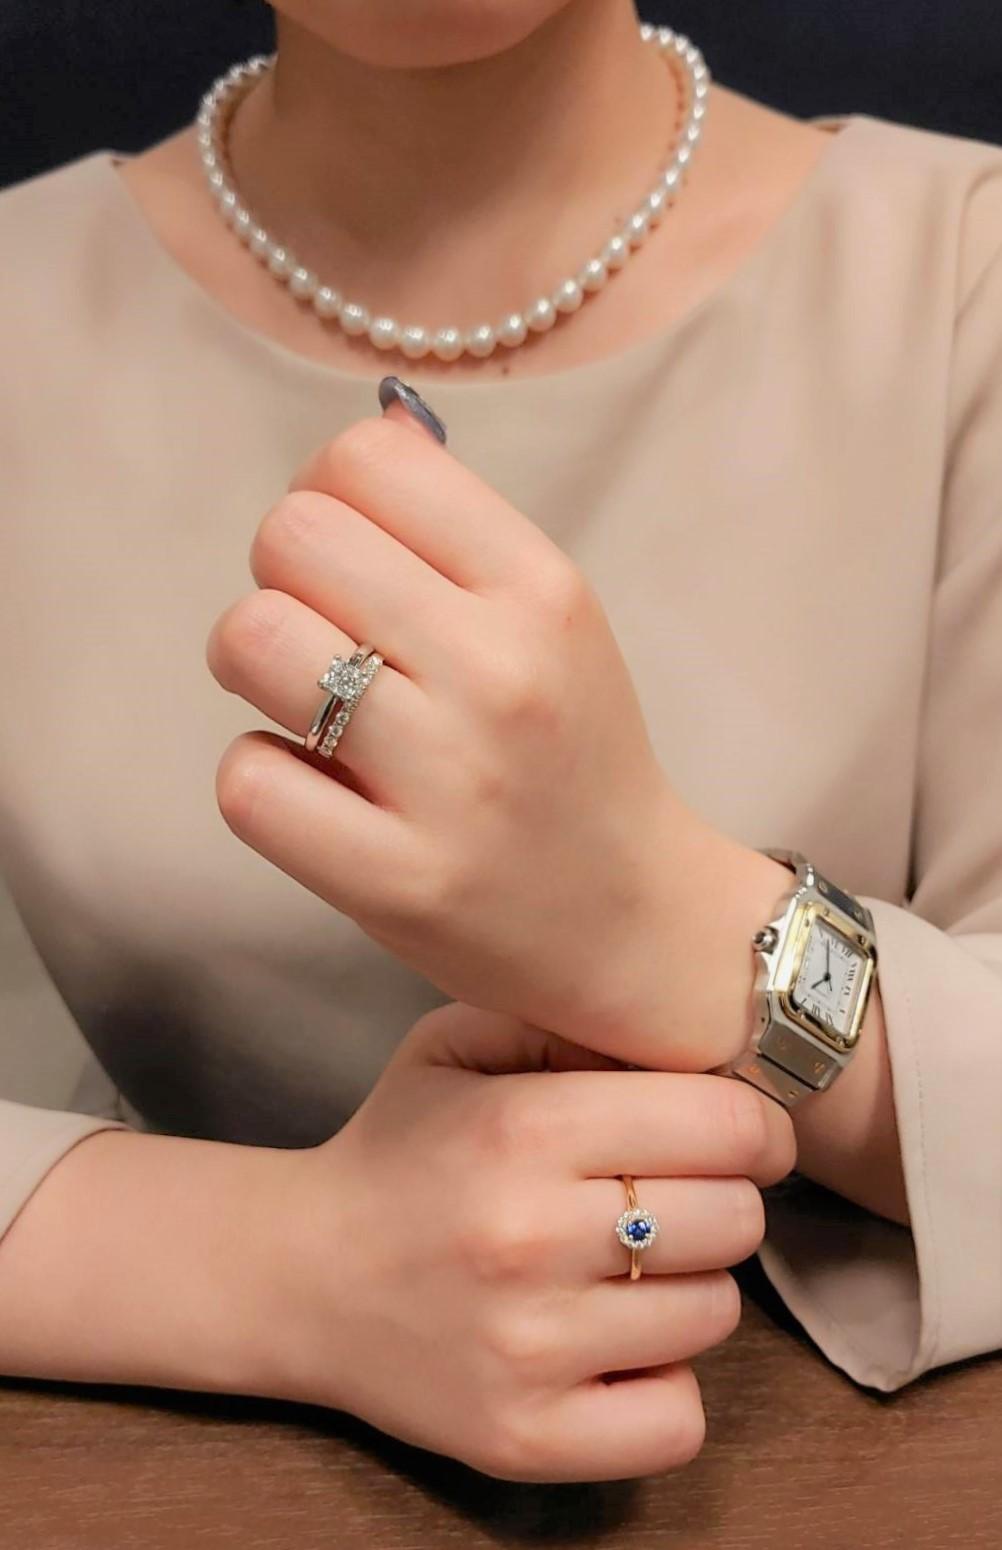 左薬指はプリンセスカットの婚約指輪、右手中指はブルーサファイアリング